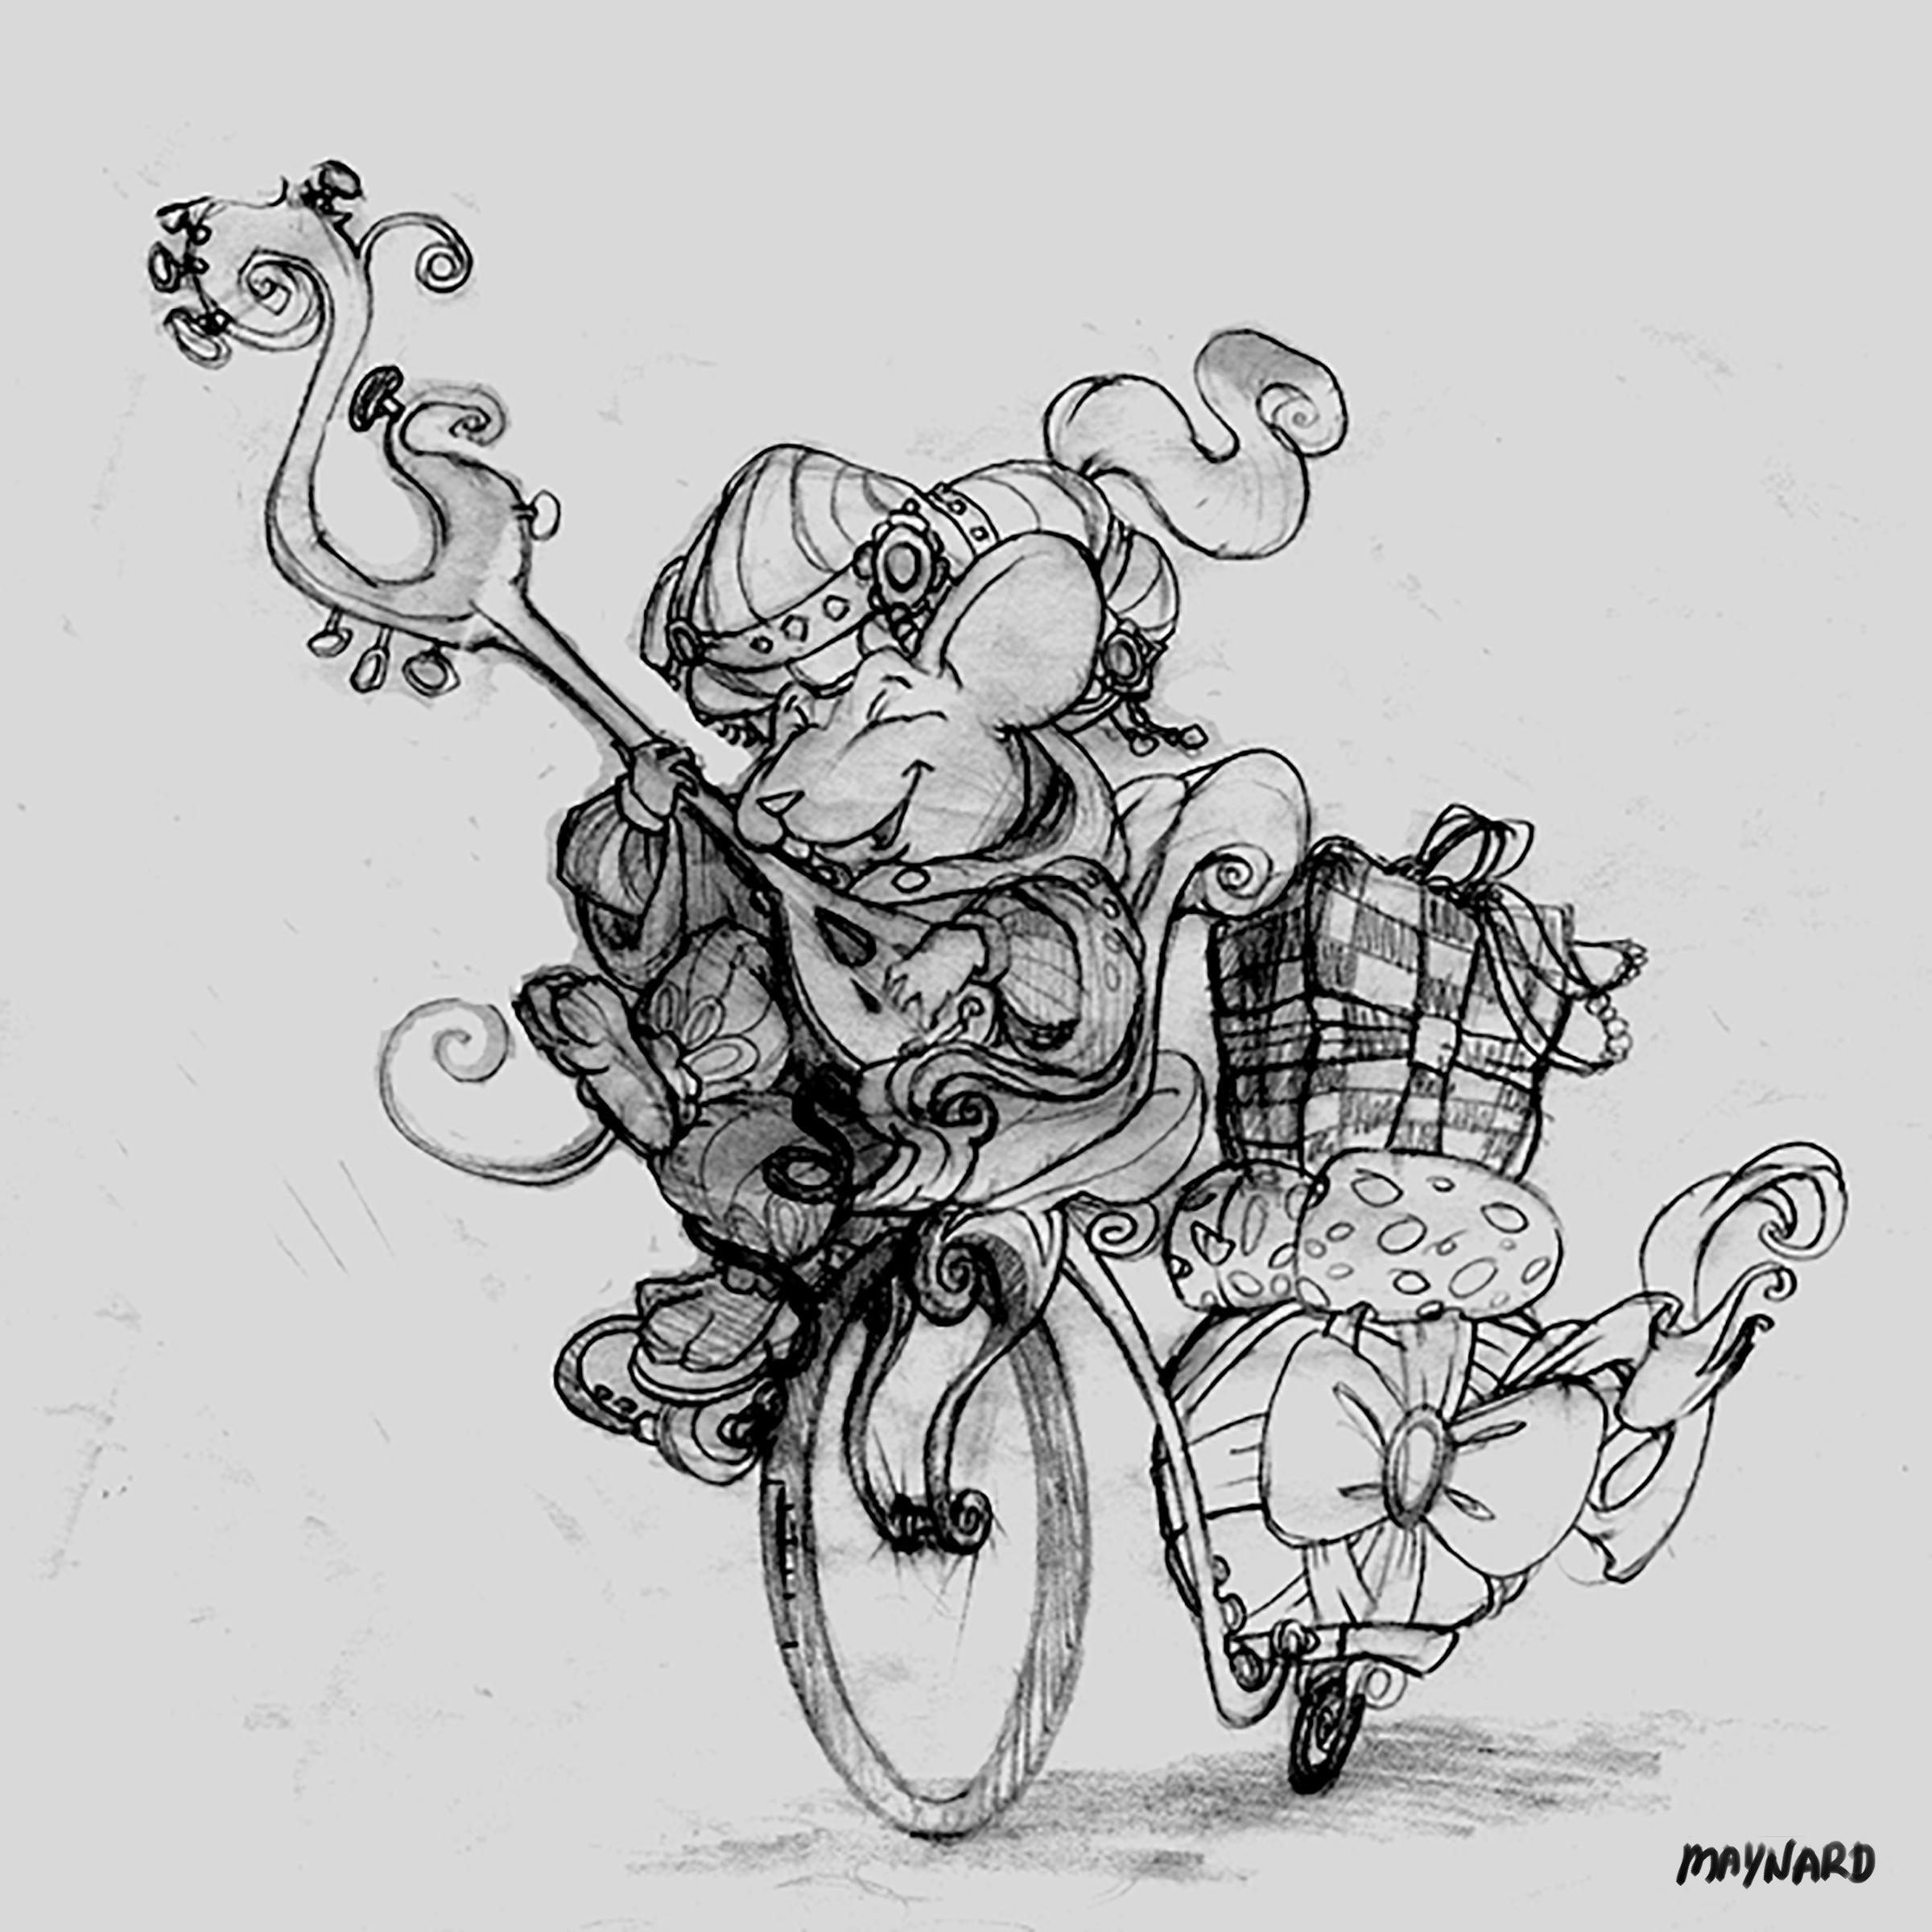 music_driven_bike[1].jpg